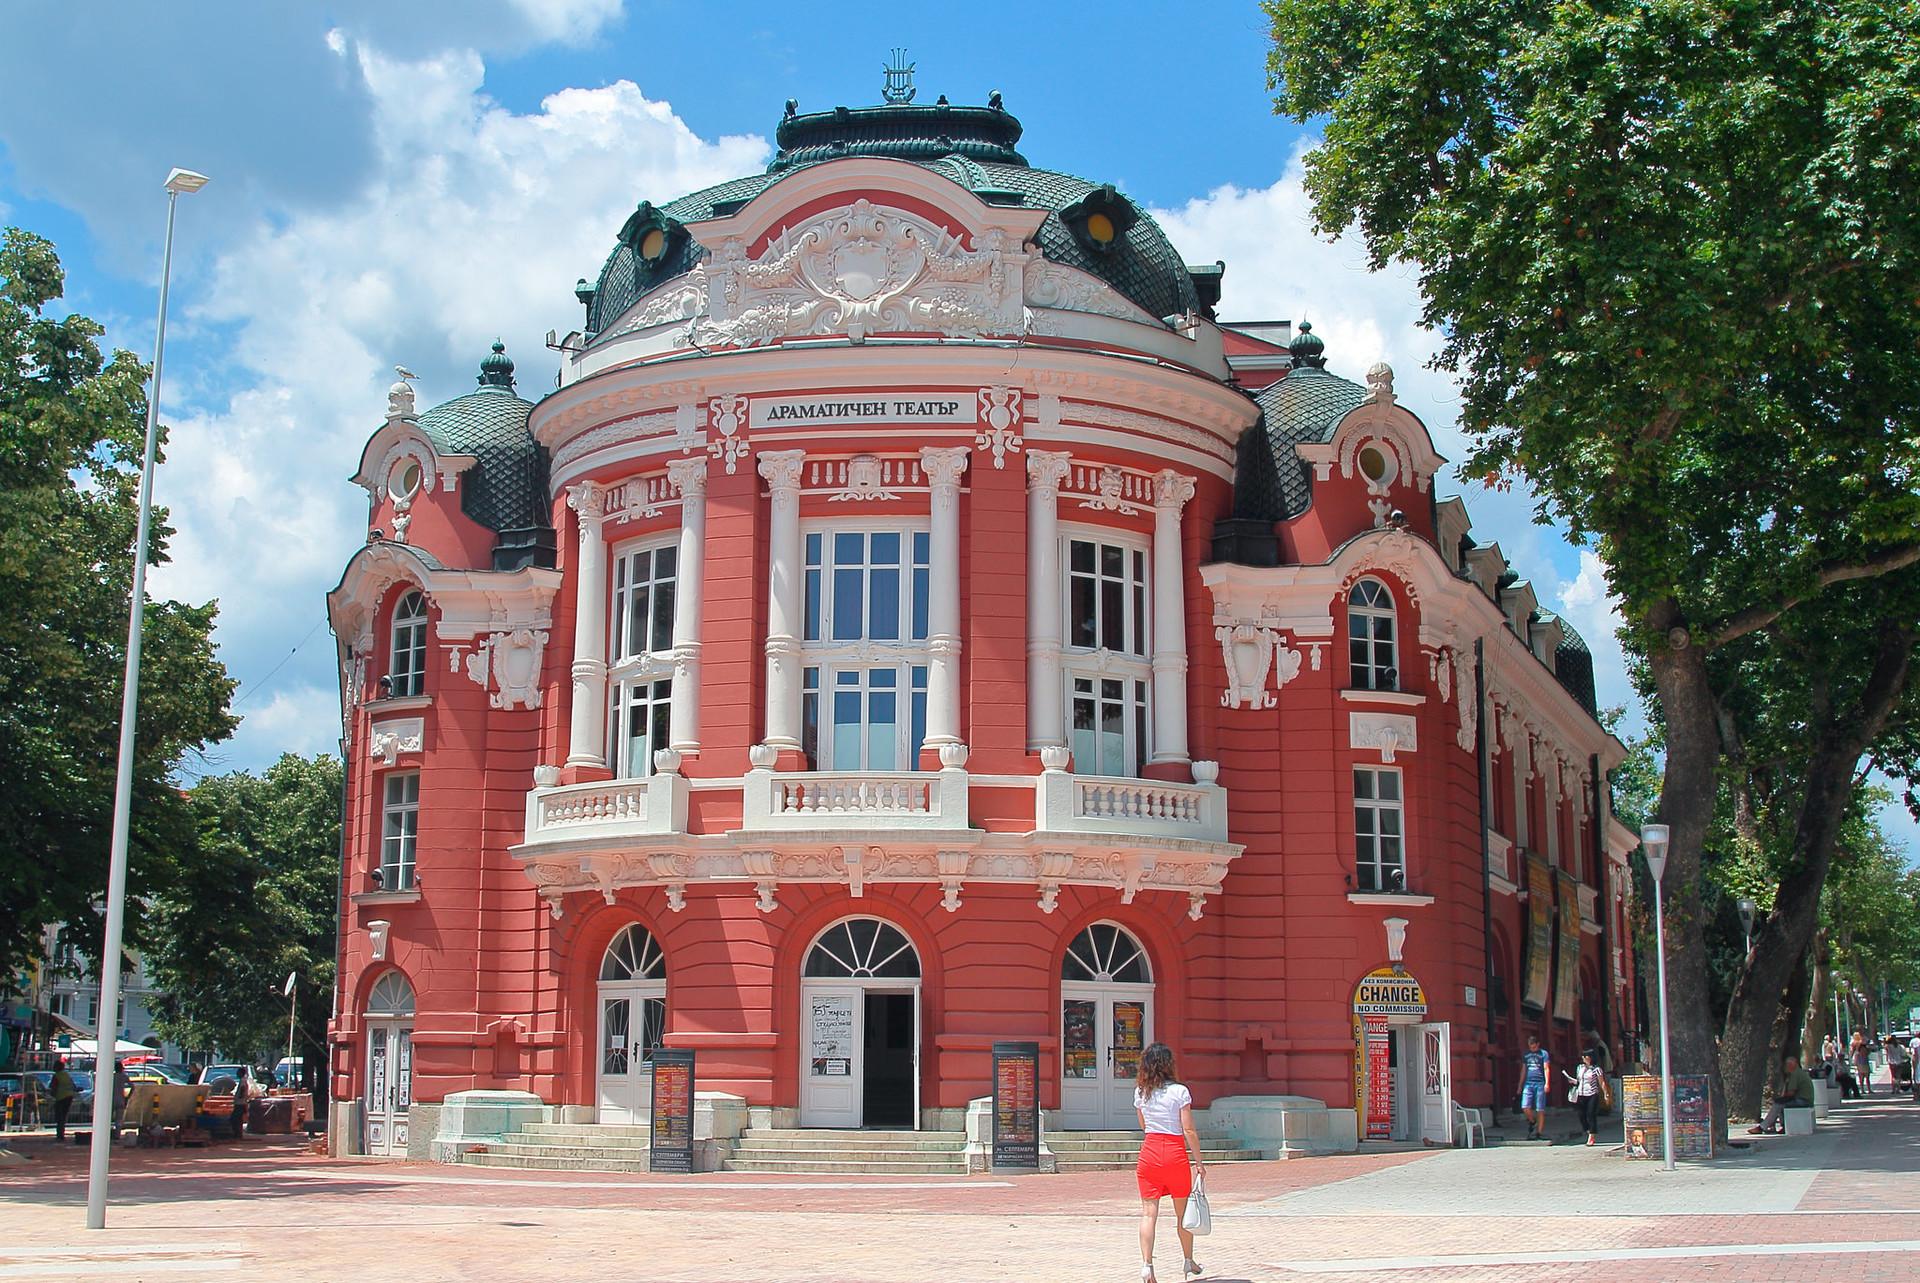 Doświadczenie w Warnie, Bułgaria według Yanitsy